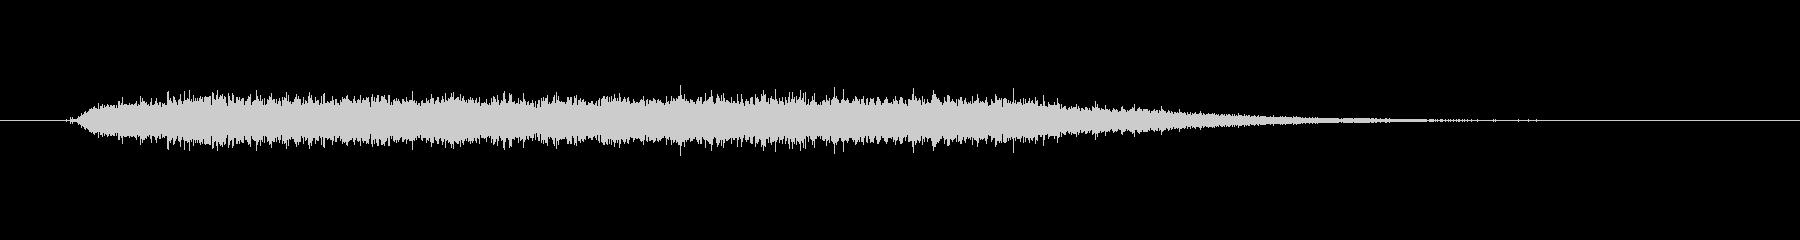 工具_ドリルの動作音7の未再生の波形